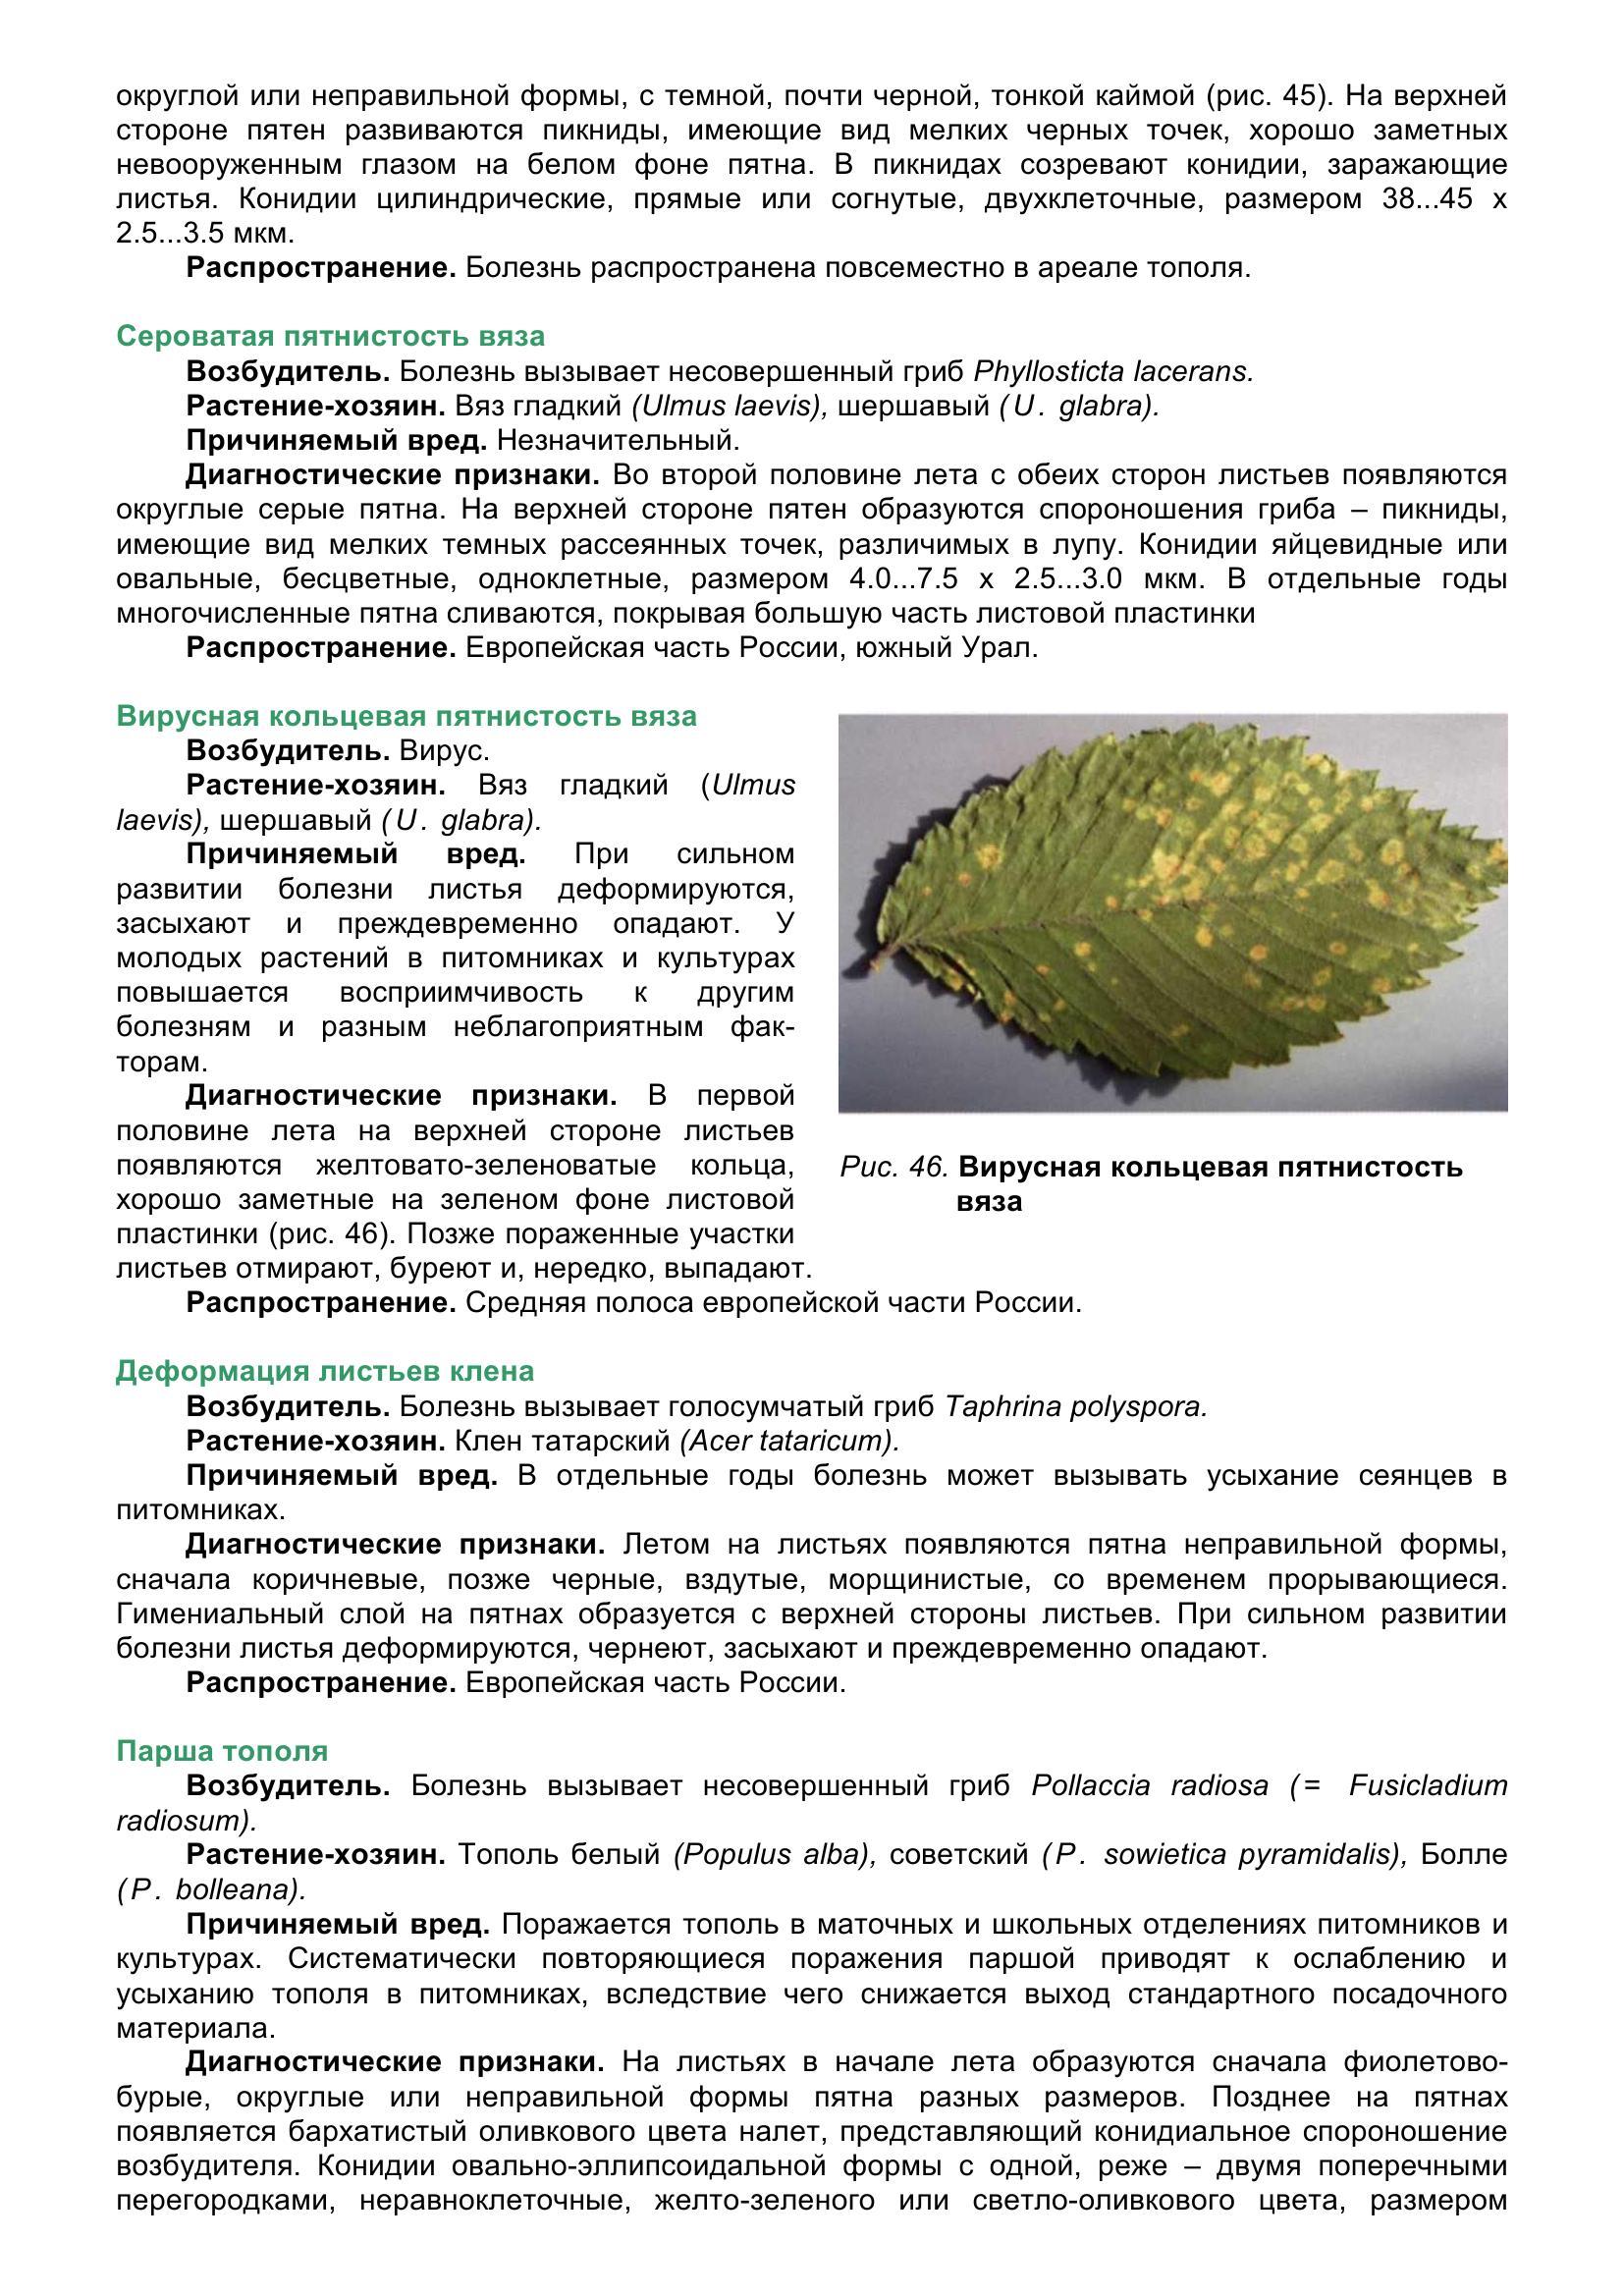 Болезни_древесных_растений_058.jpg